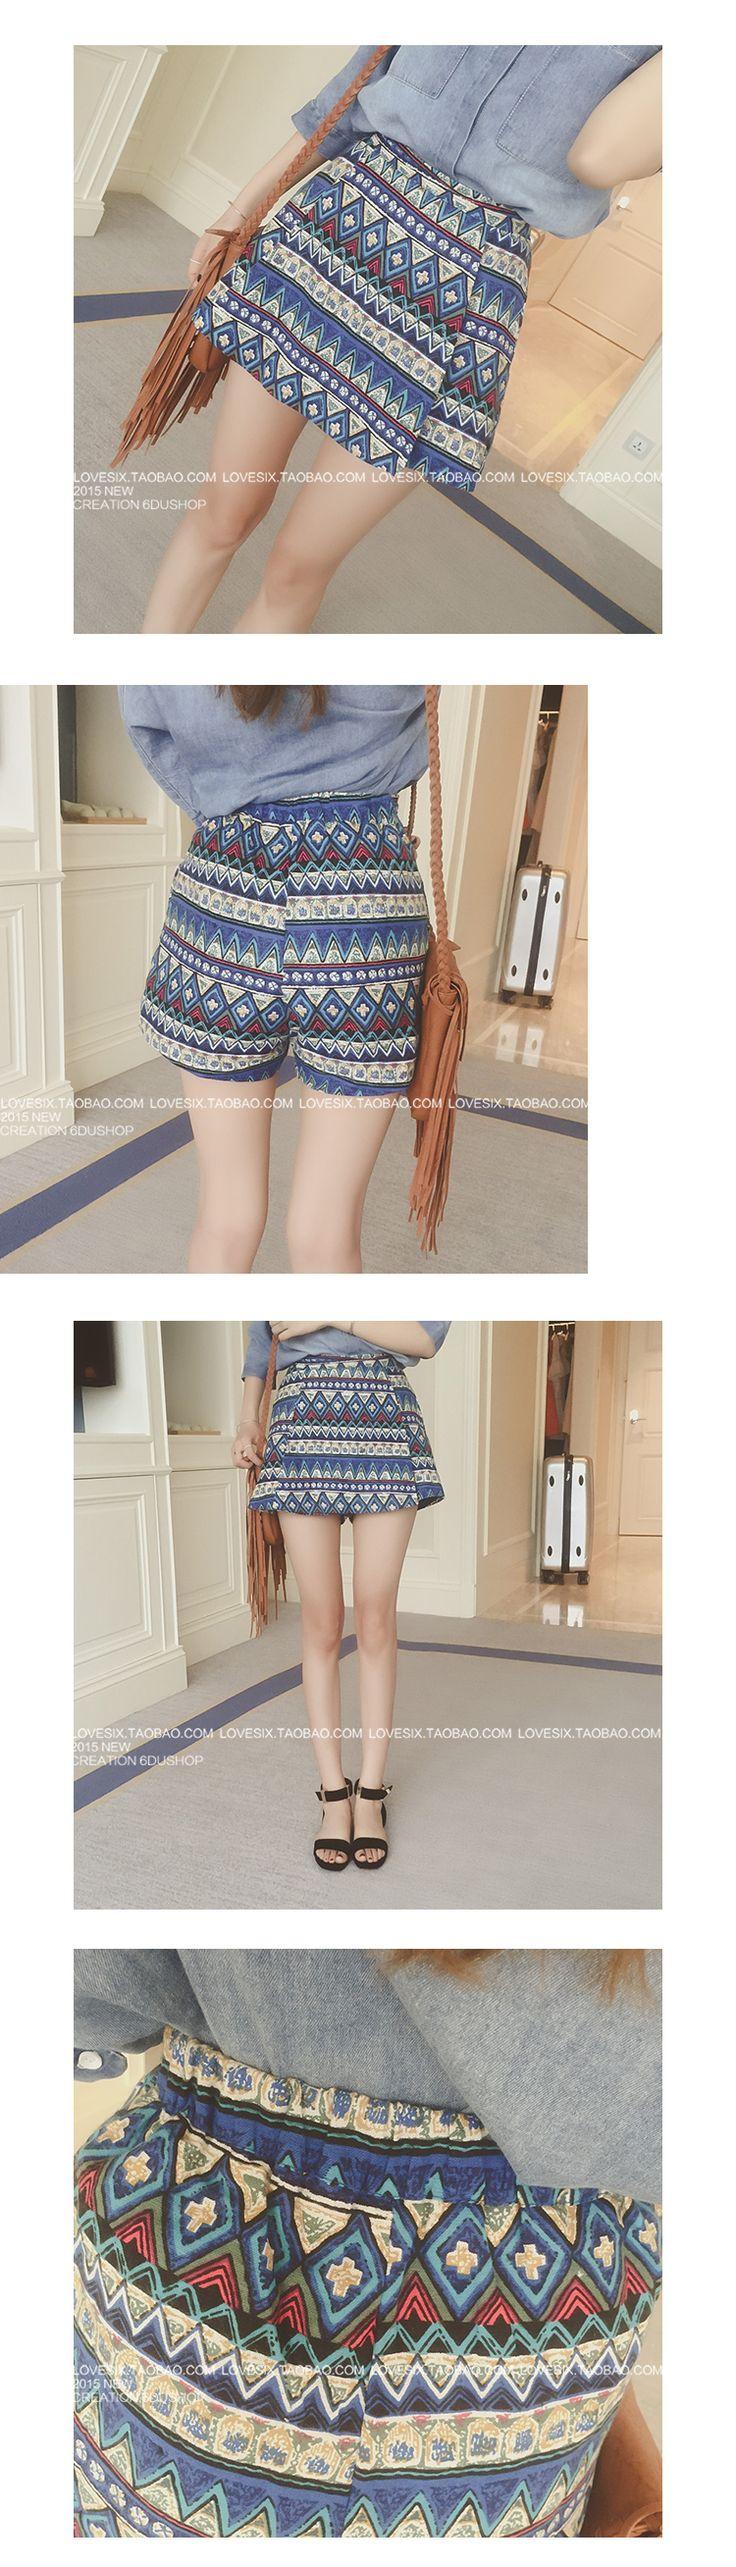 Étnica impresión abstracta minifalda ocasional asimétrica Corea Hitz 2015 mujeres ocasionales de los pantalones cortos - Estación mundial Taobao